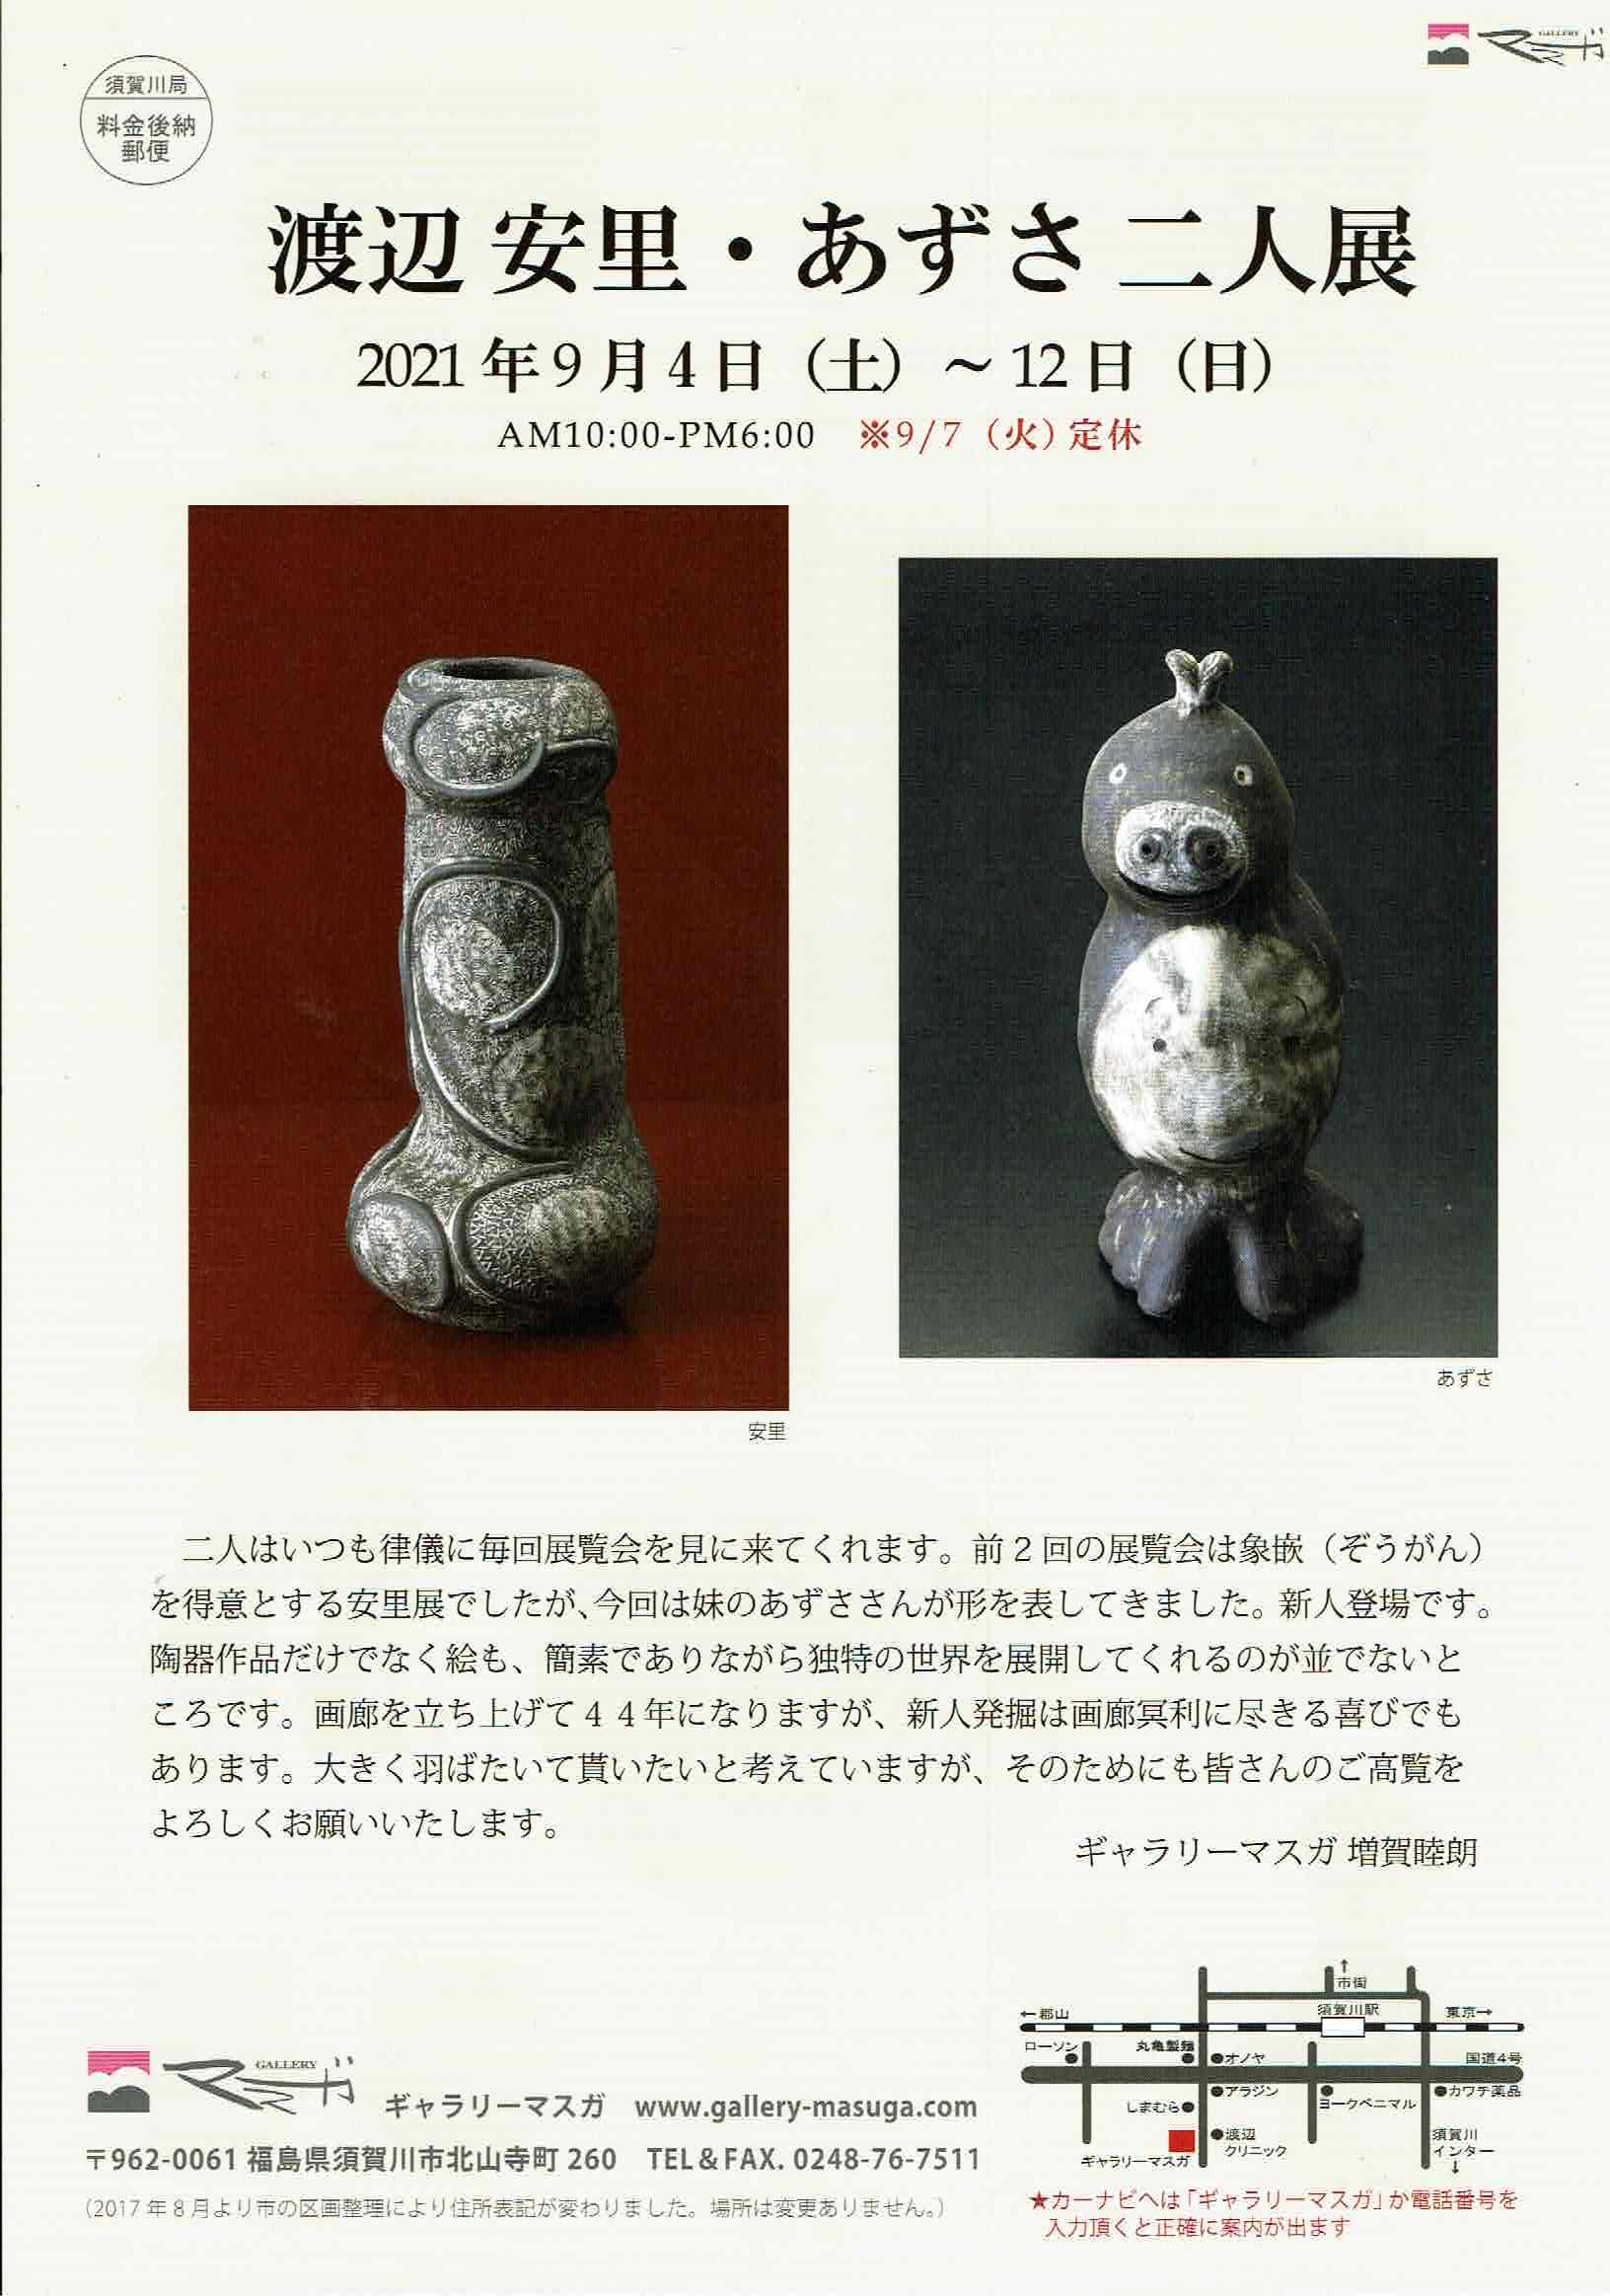 渡辺安里・あずさ二人展◆2021年9月4日(土)~9月12日(日)